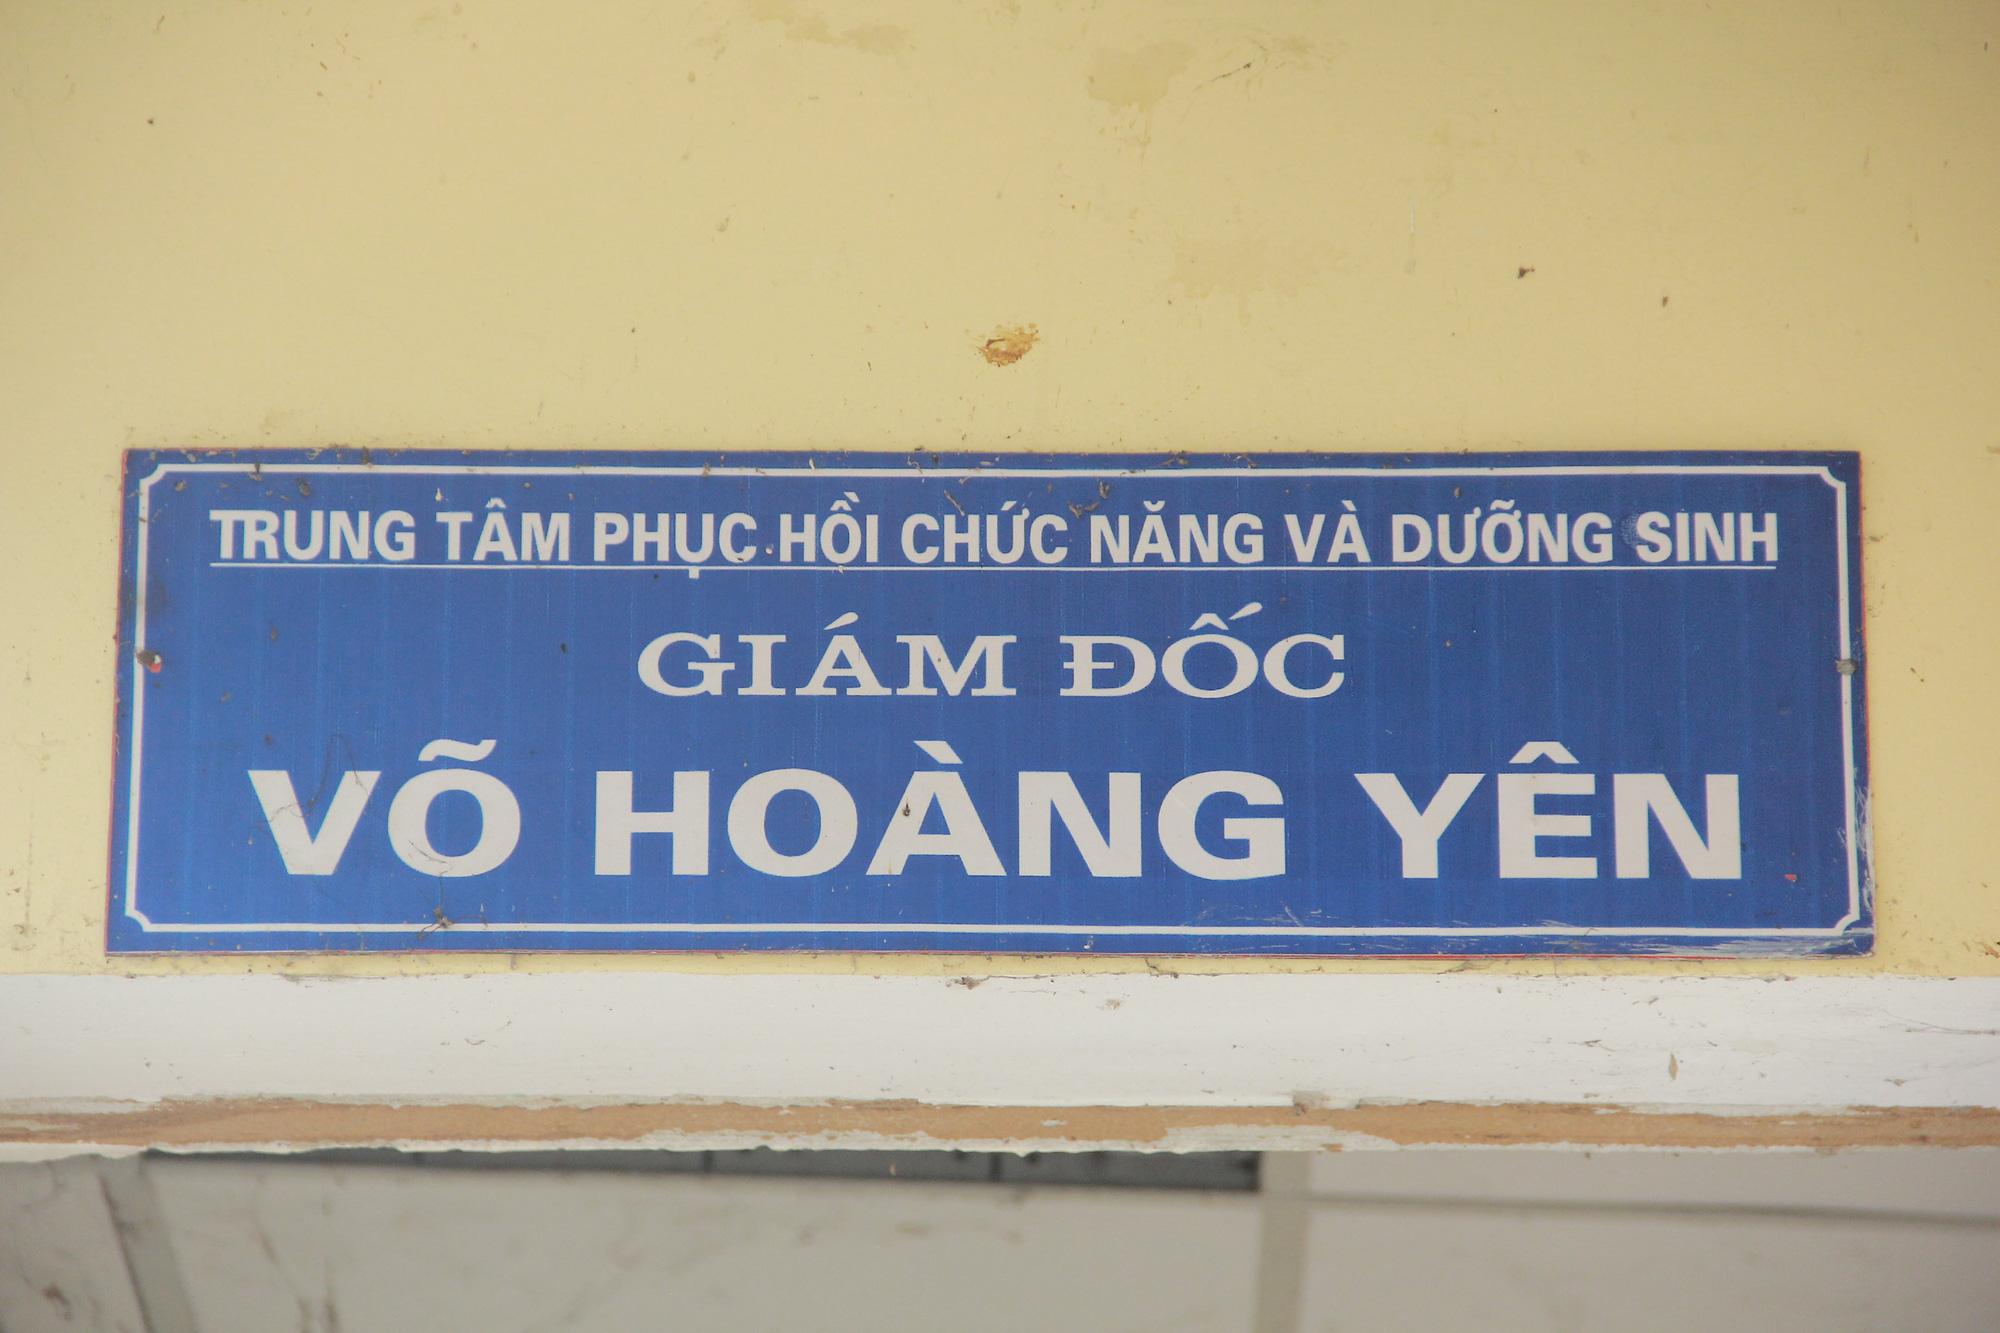 Trung tâm phục hồi chức năng lương y Võ Hoàng Yên bỏ hoang, để không, vỡ nát tại Hà Tĩnh - Ảnh 8.